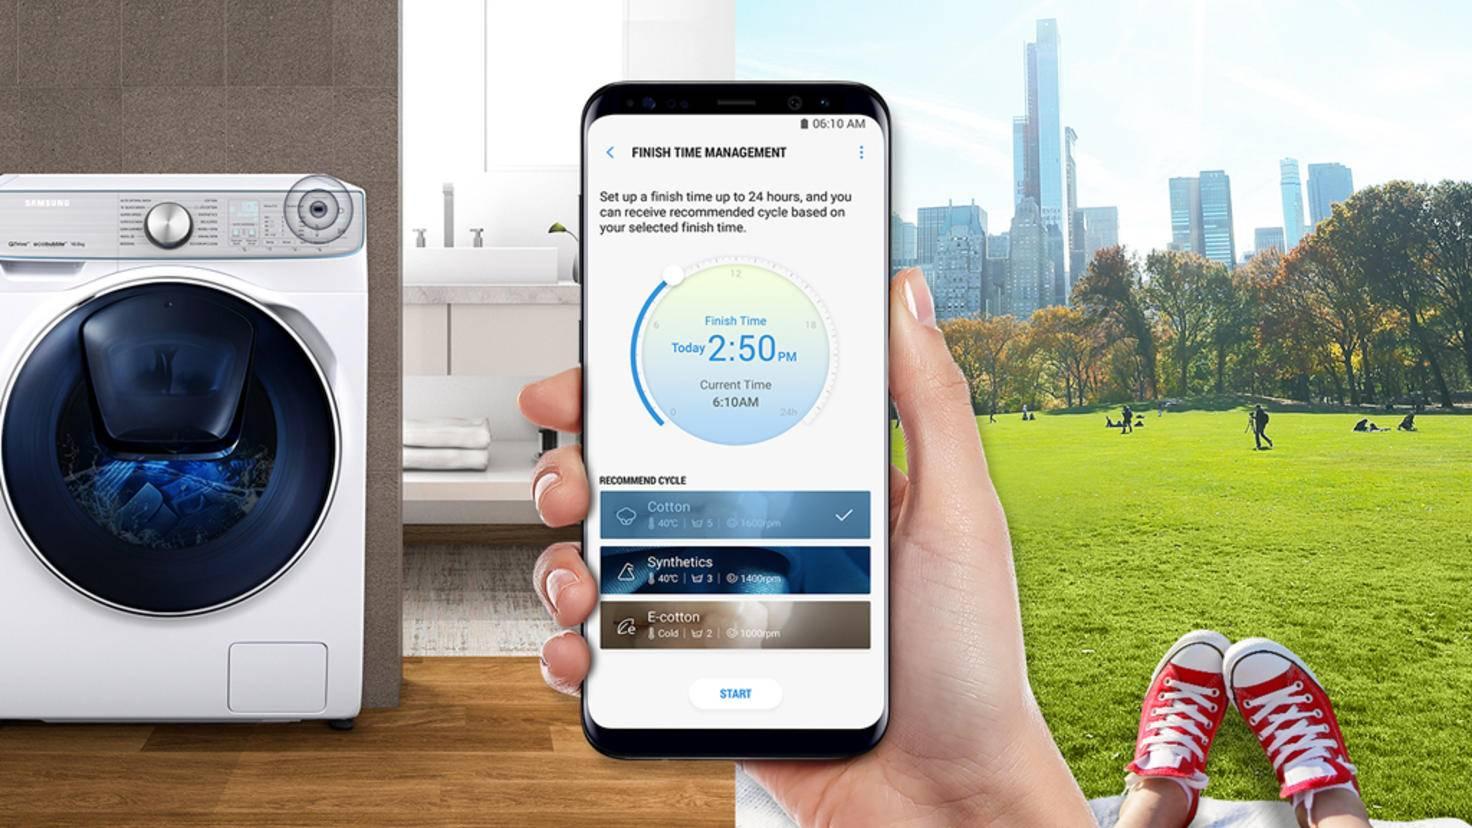 App und Samsung-Waschmaschine mit QuickDrive-Technologie IFA 2017